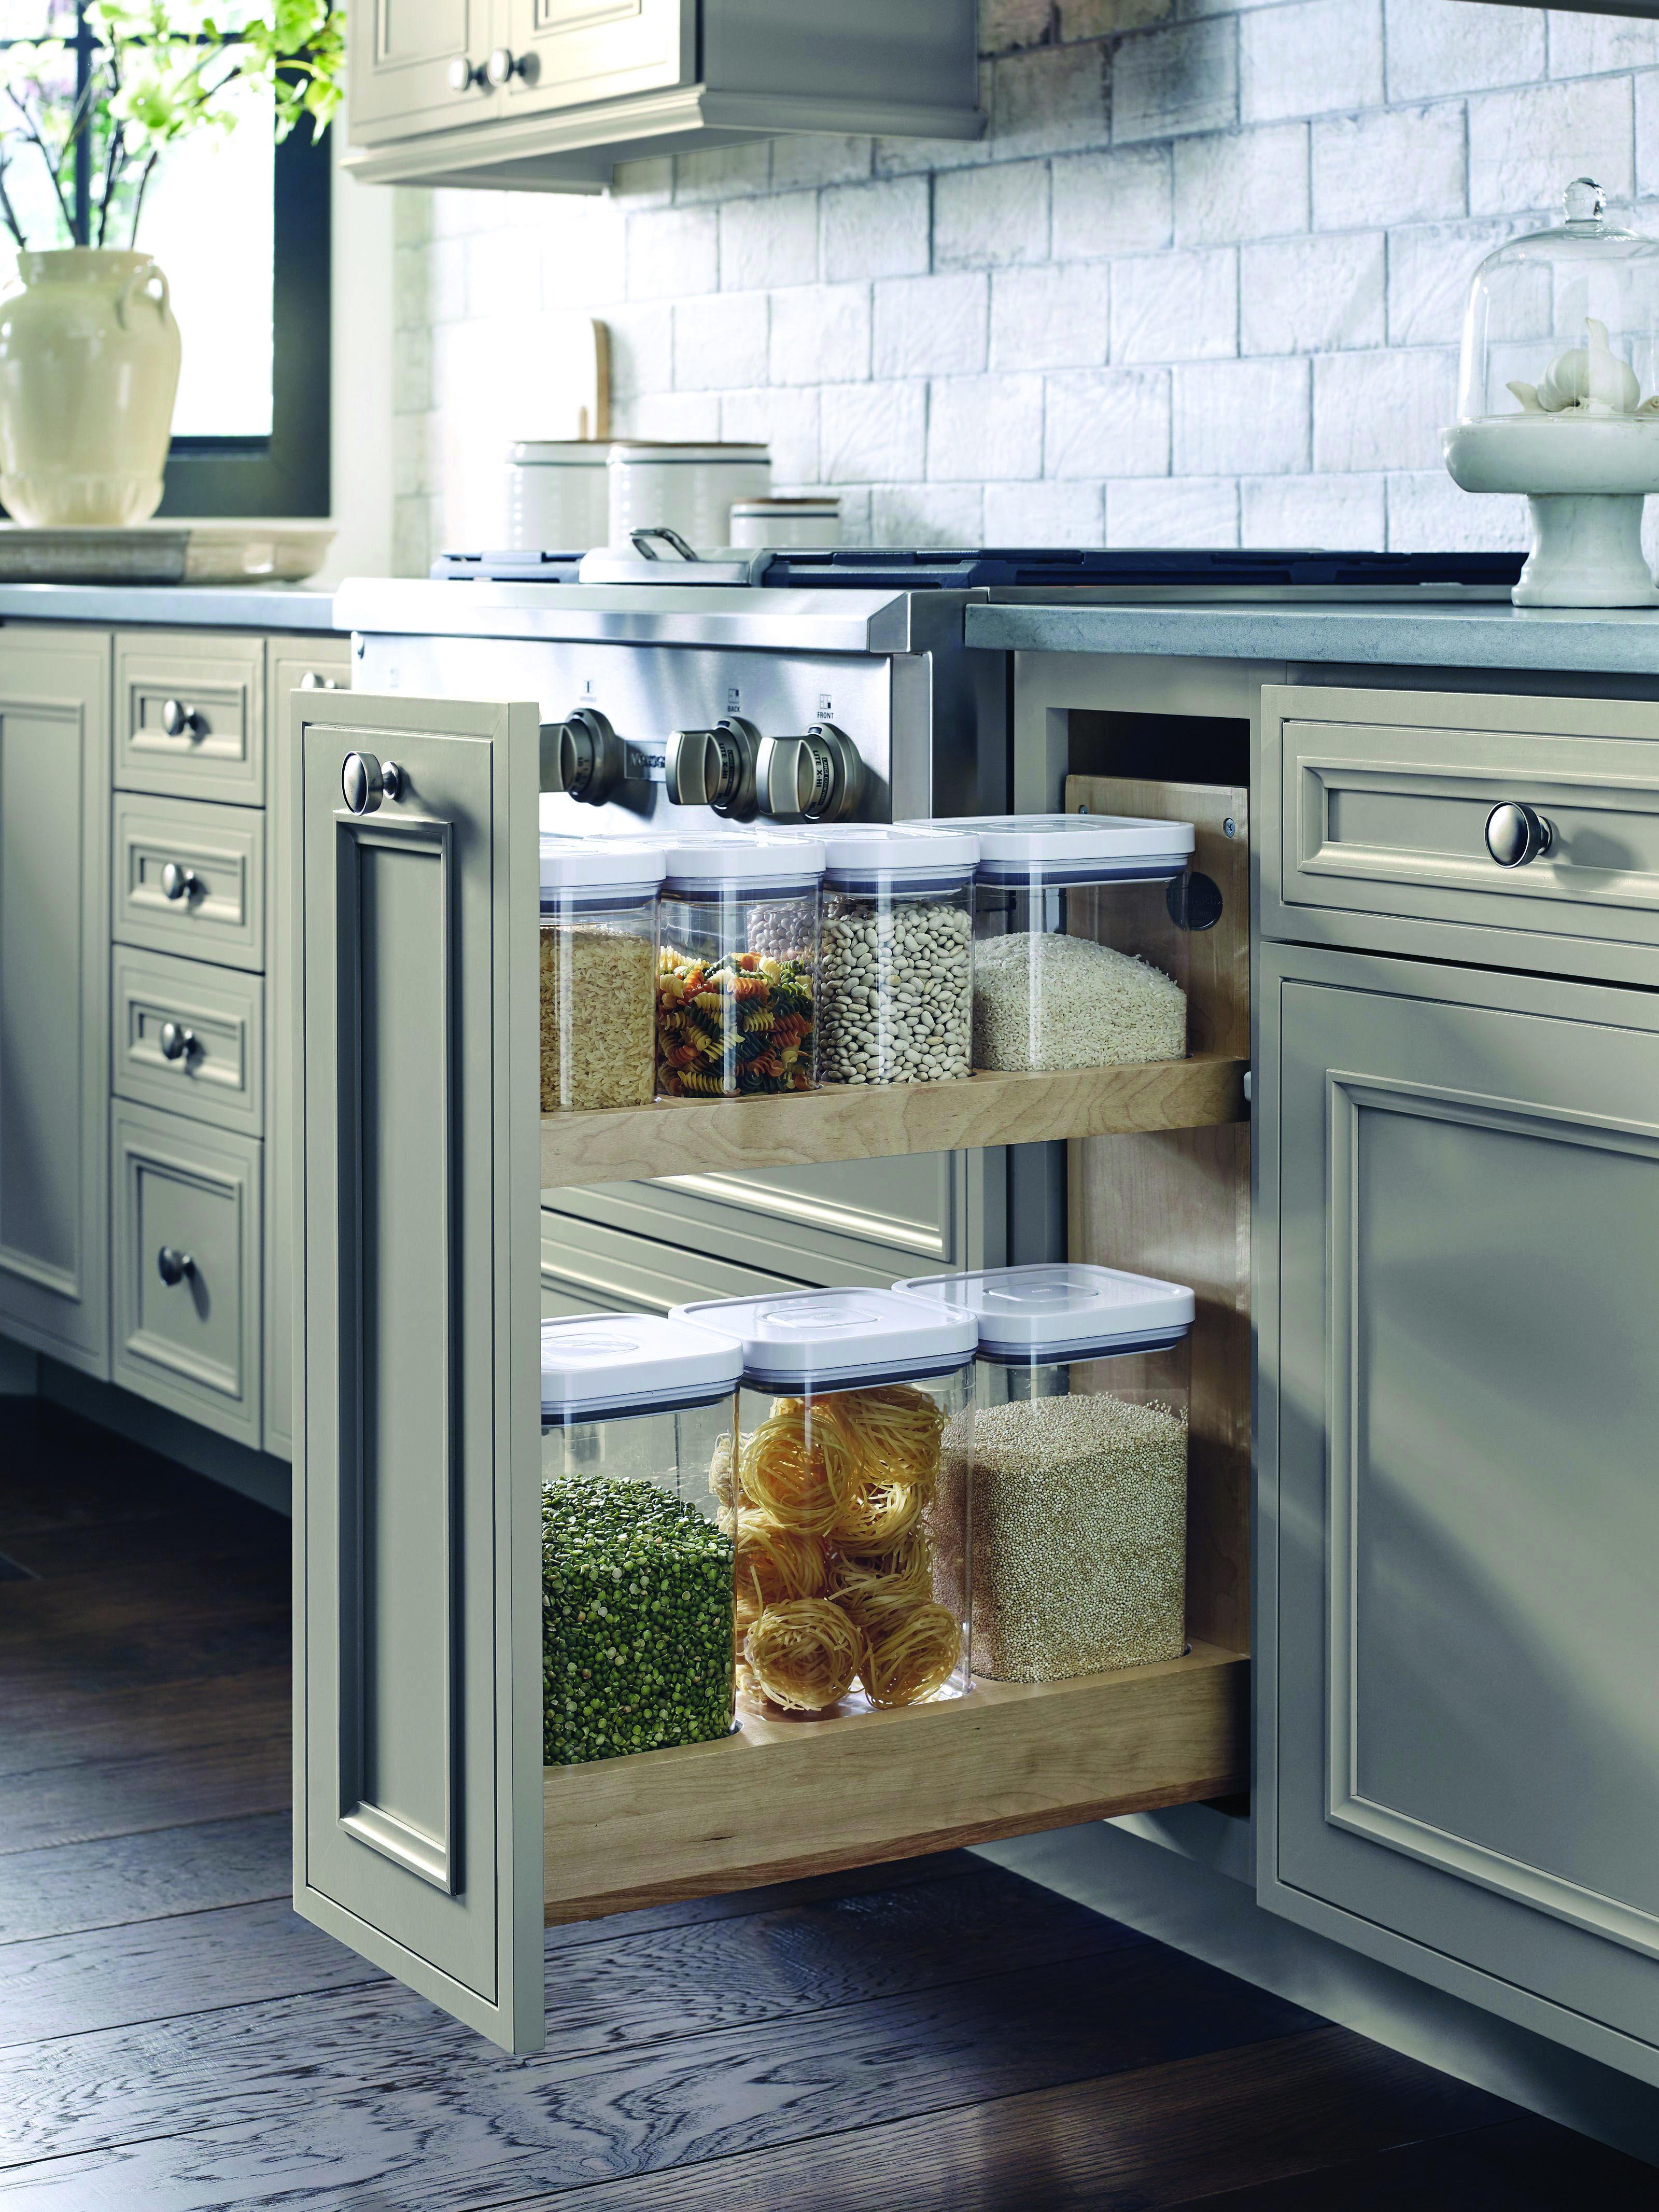 The Most Popular Kitchen Storage Ideas On Houzz Interior Design